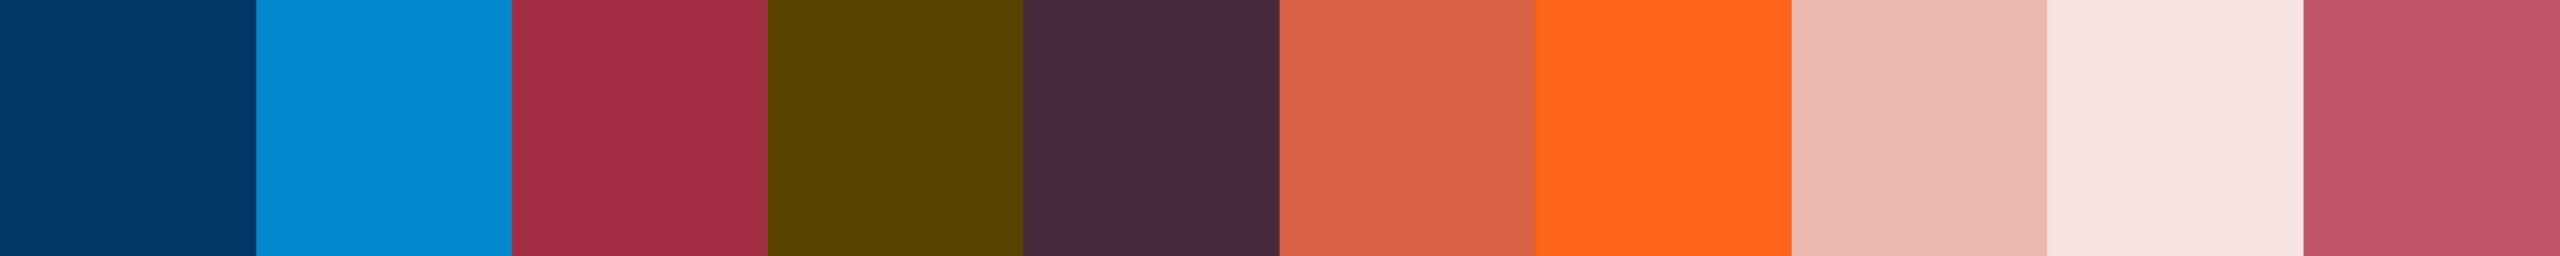 226 Bozaqua Color Palette